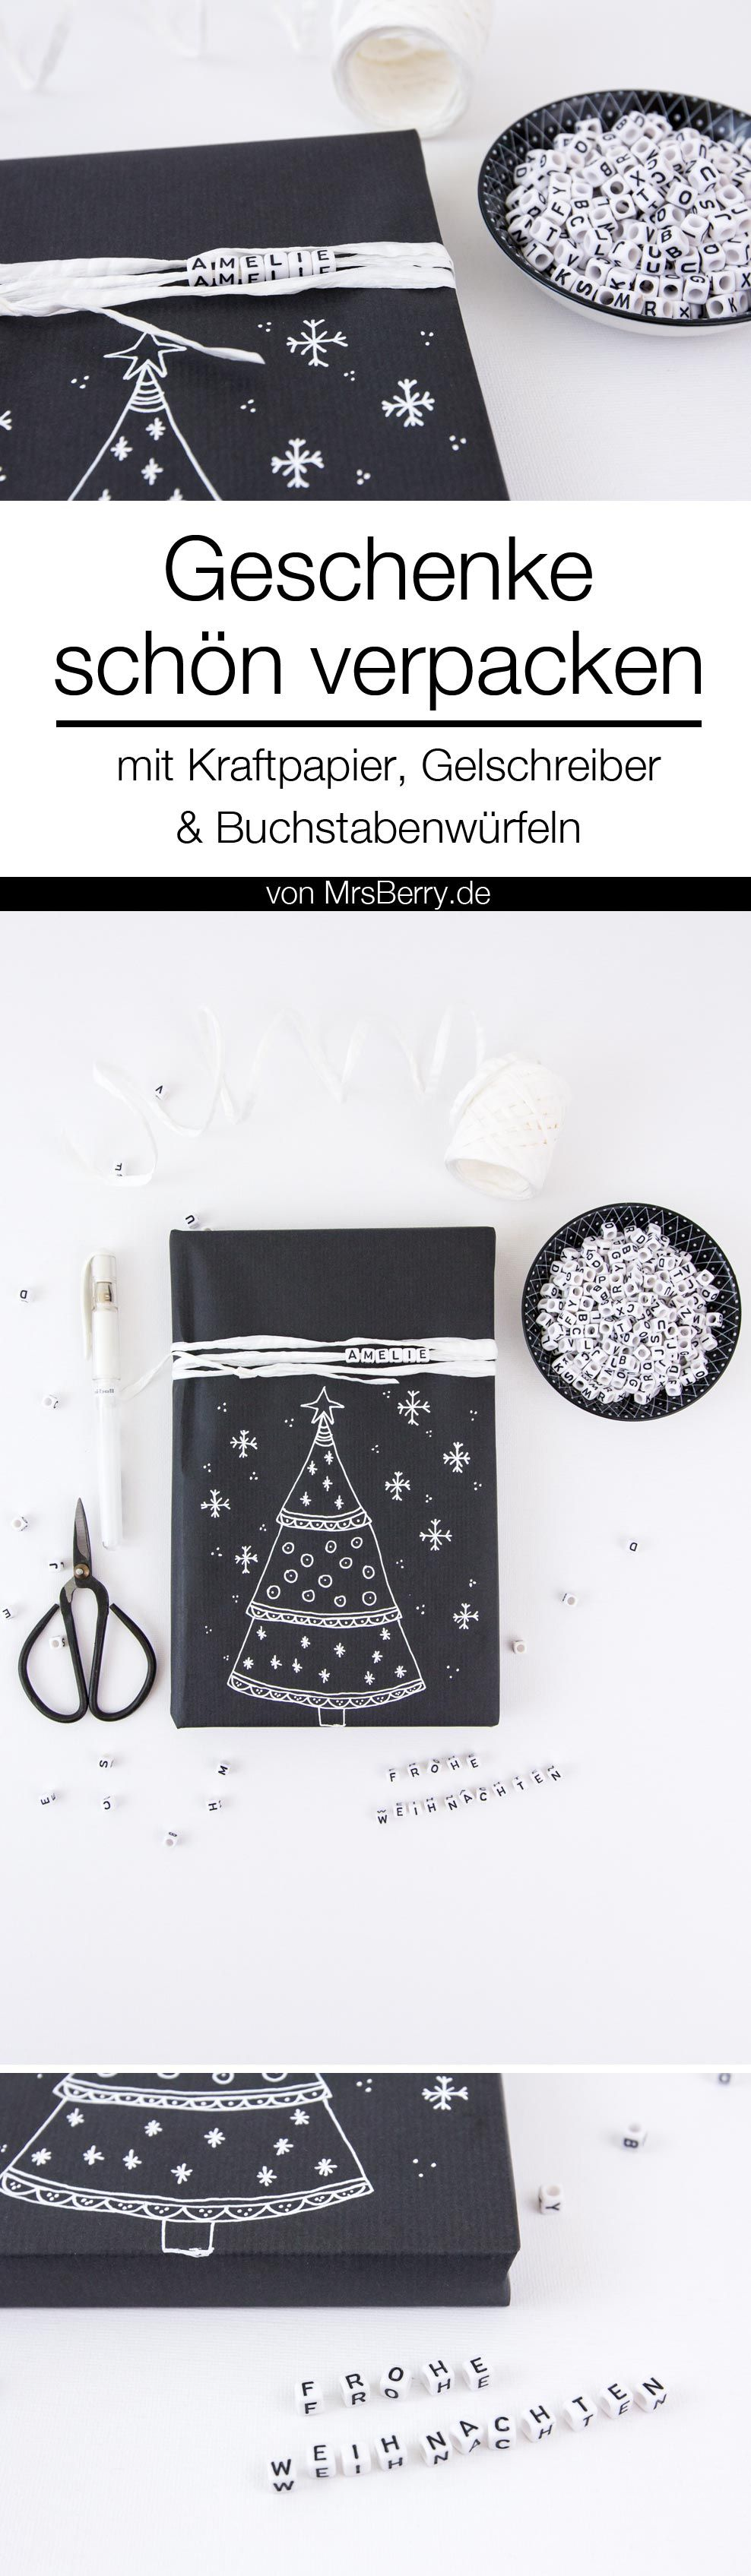 Geschenke schön verpacken mit Kraftpapier | MrsBerry Kreativ-Studio